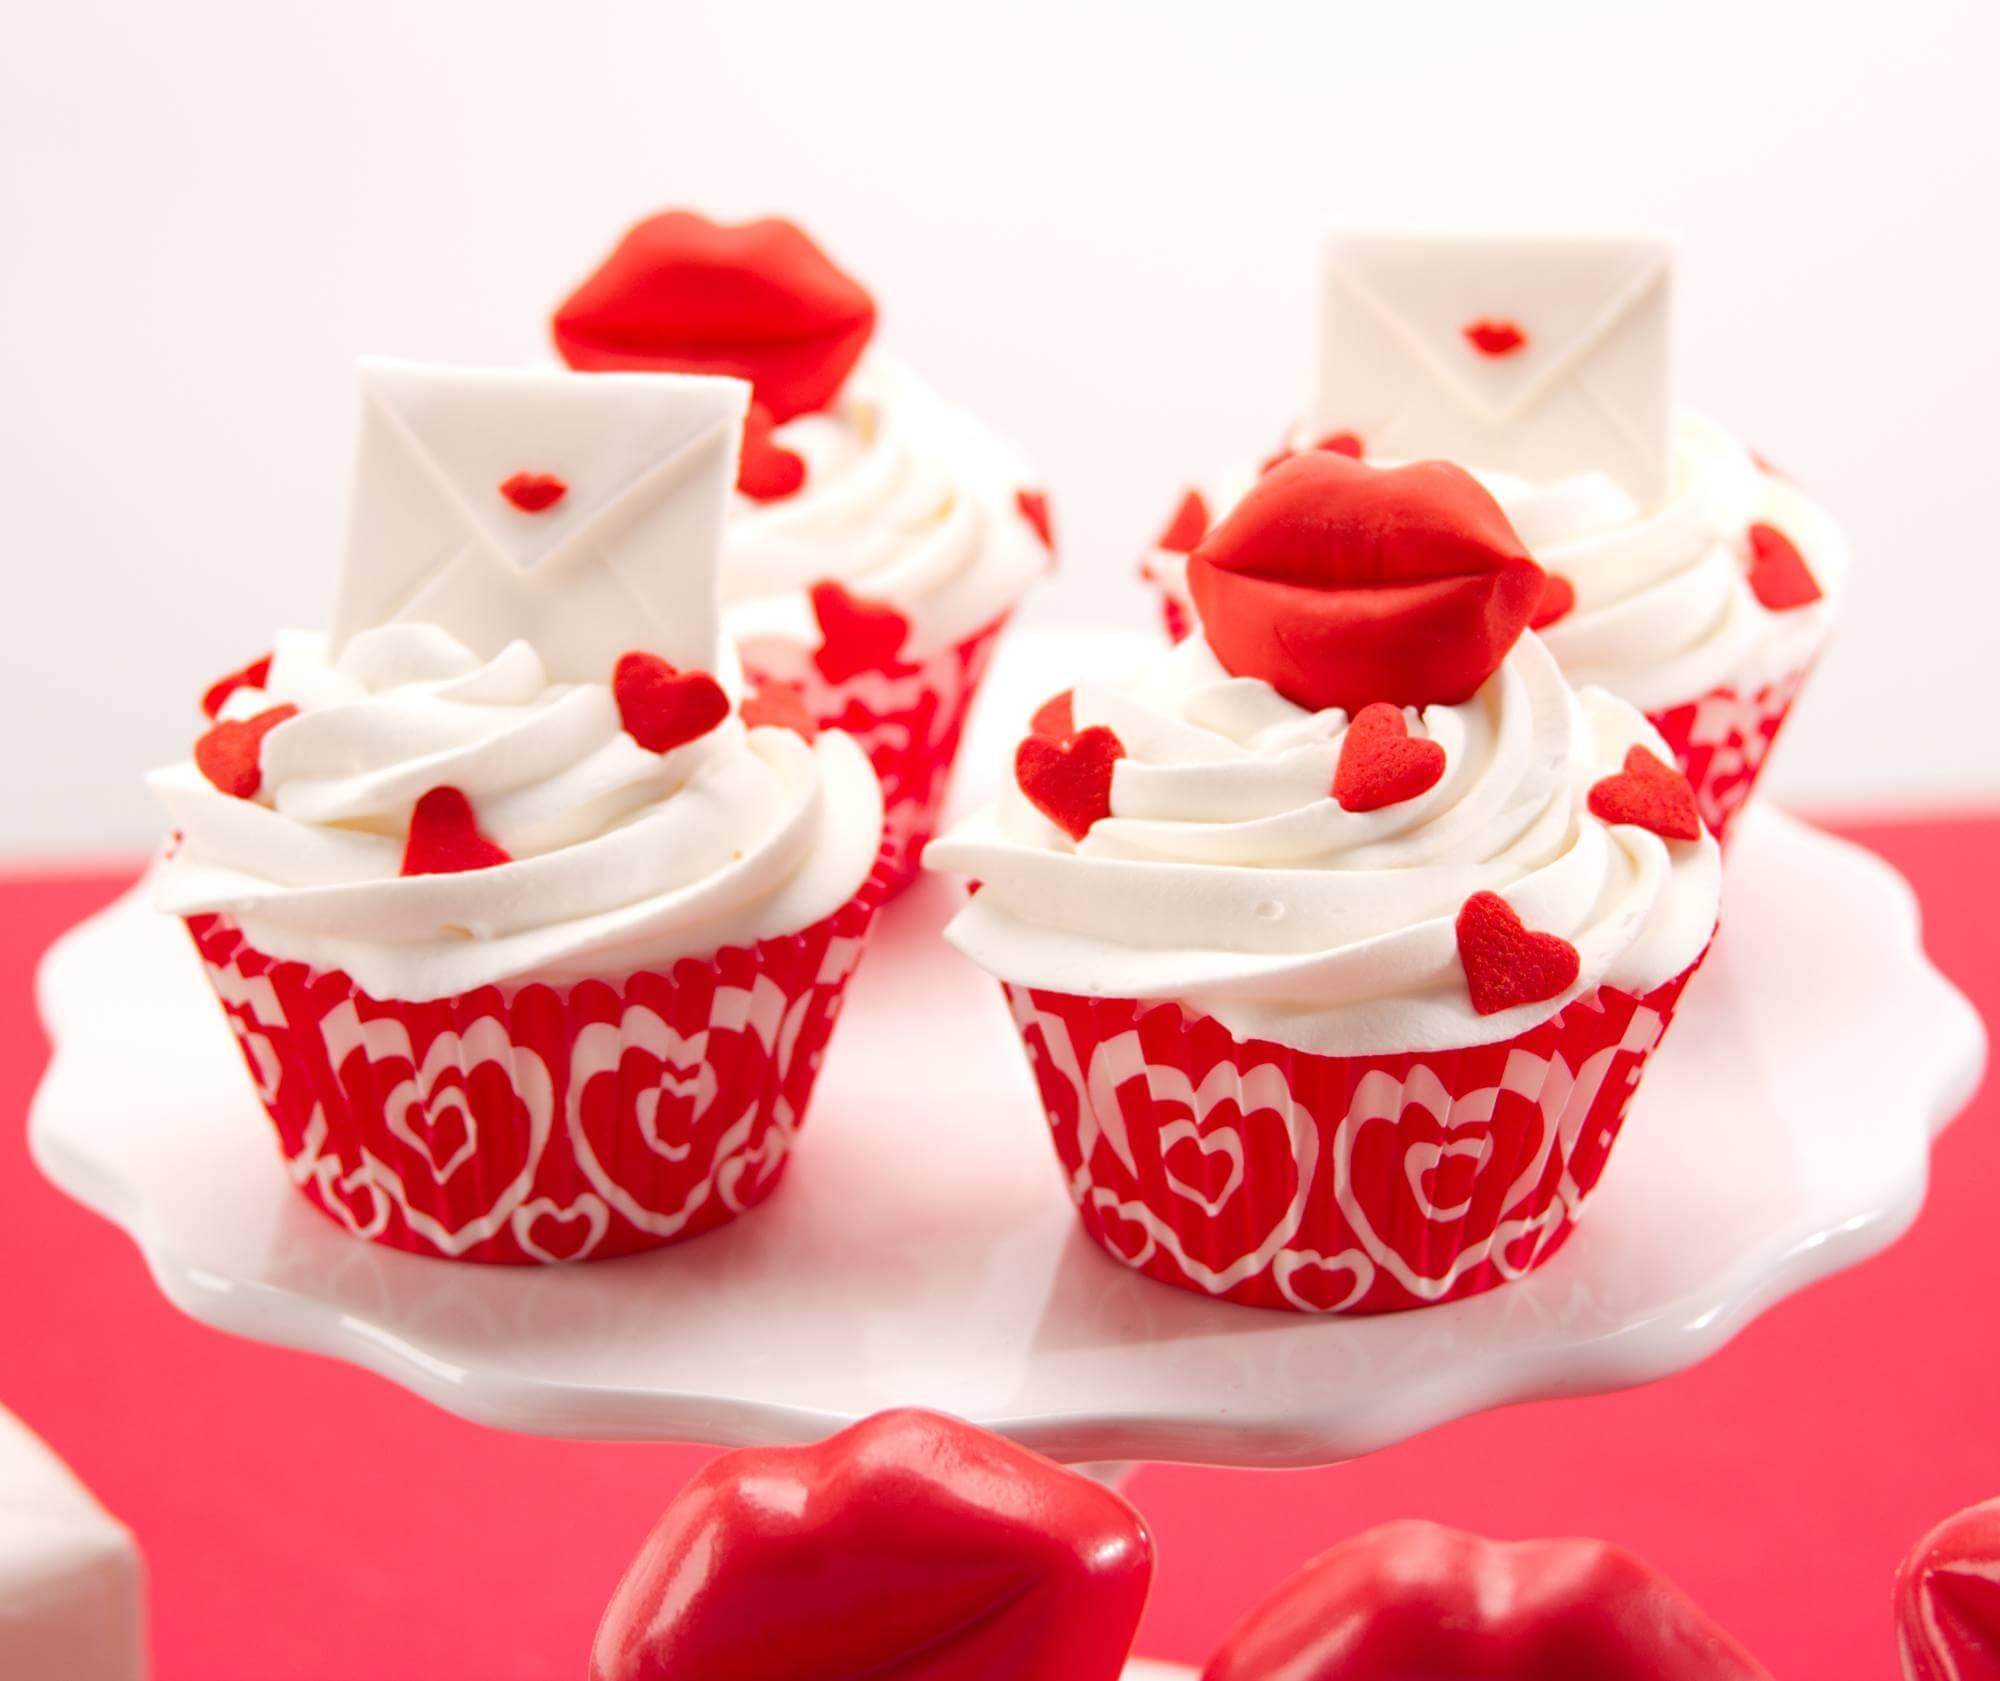 Silicone 3d Moule Halloween crème gâteau emporte-pièce décoration pâte d/'amandes fête NEUF